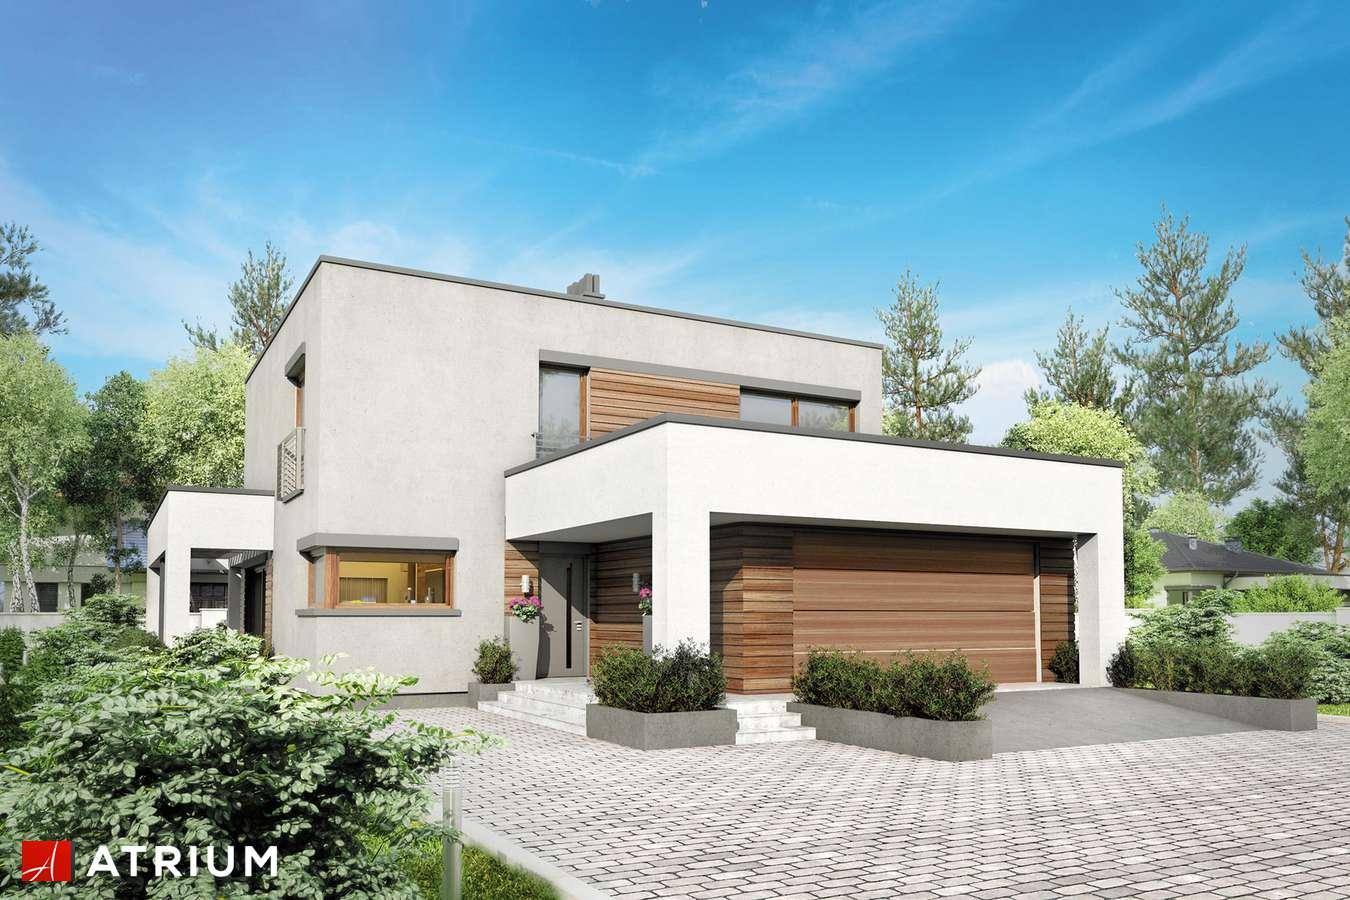 Projekty domów - Projekt domu piętrowego KALABRIA - wizualizacja 1